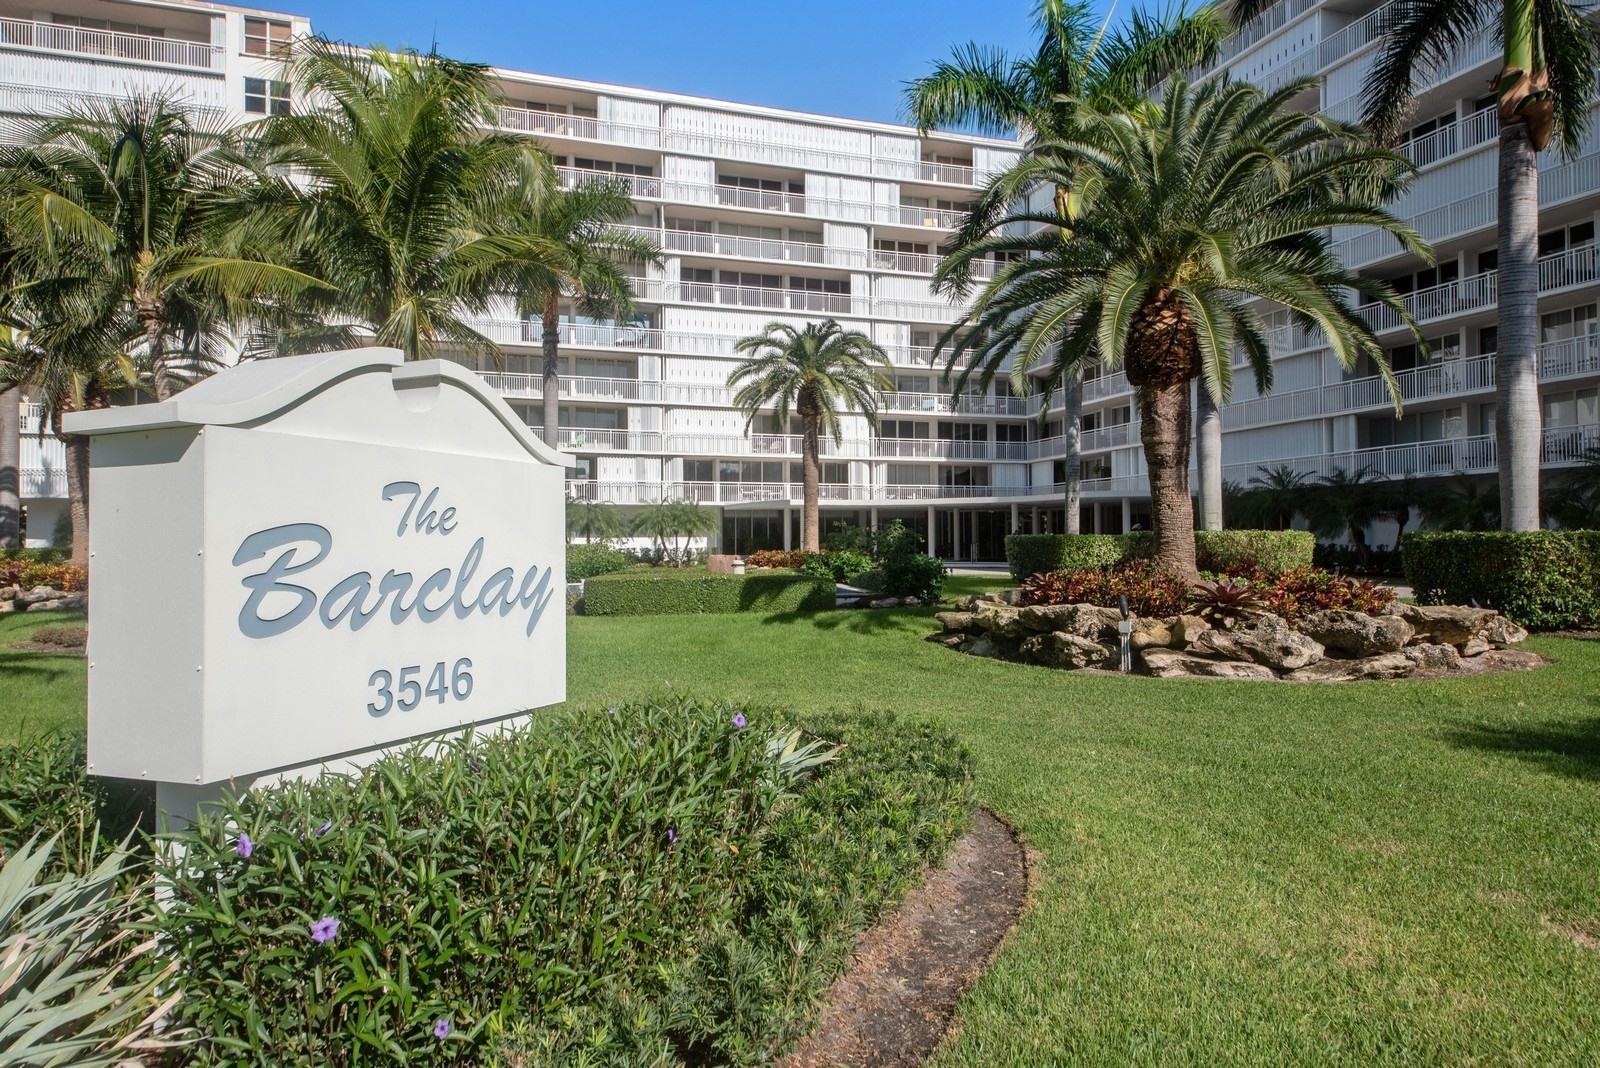 3546 S Ocean Boulevard, South Palm Beach, FL 33480